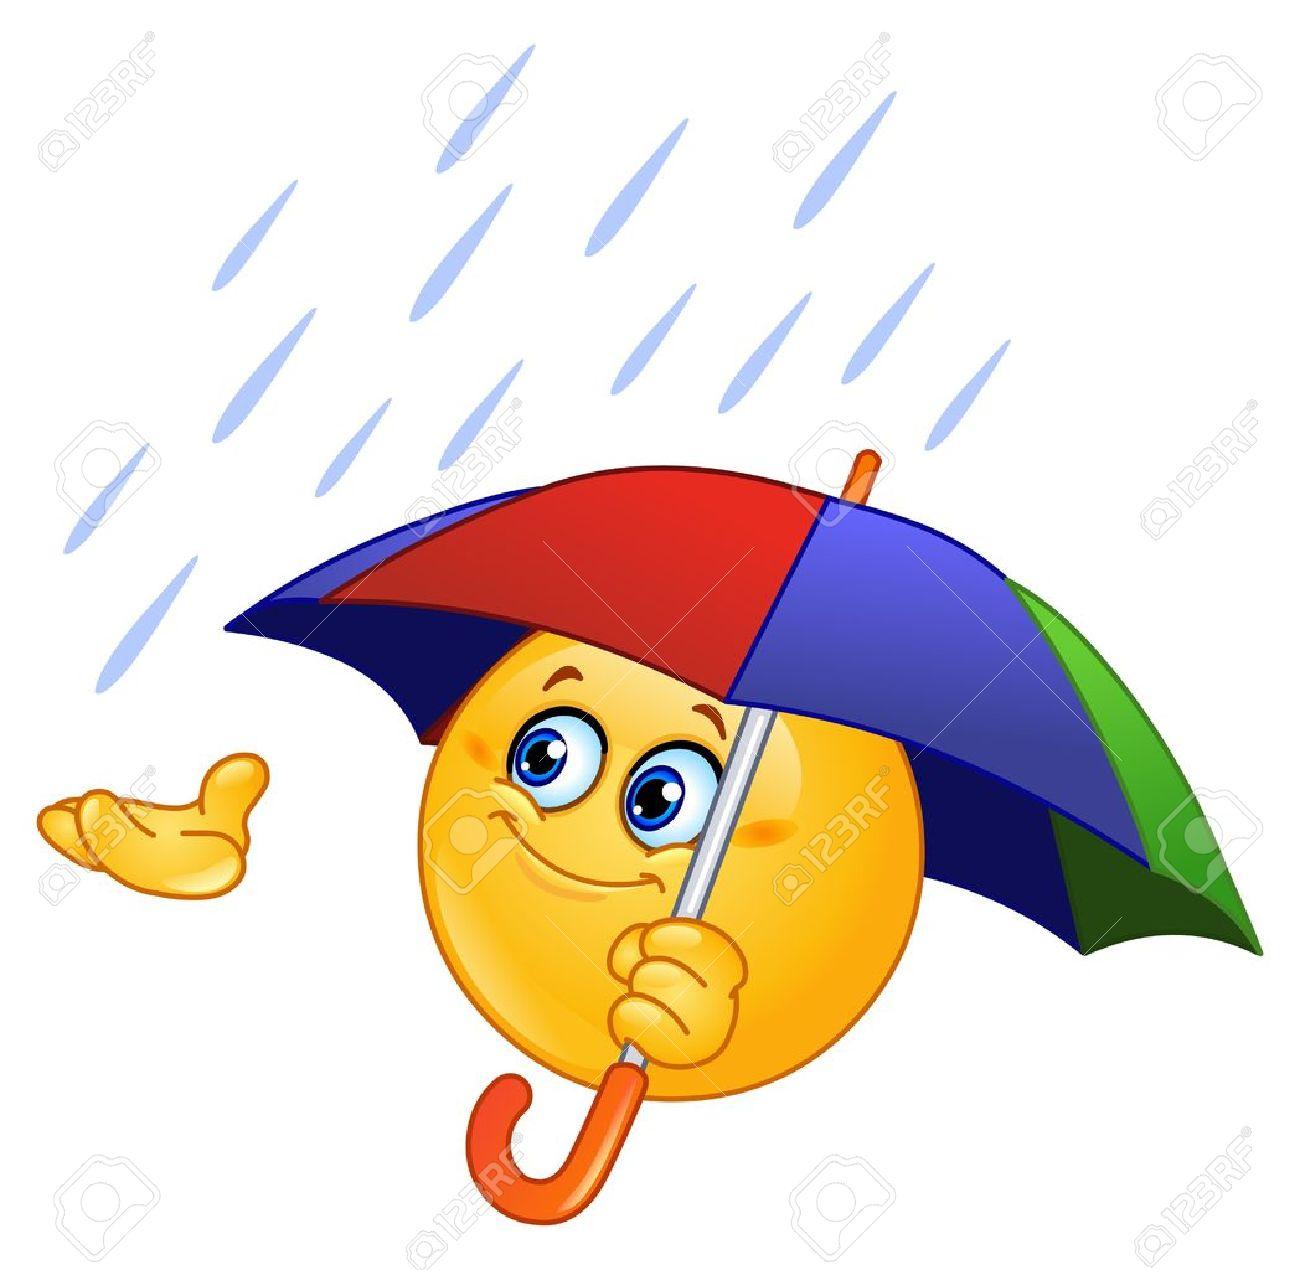 """Résultat de recherche d'images pour """"smiley parapluie"""""""